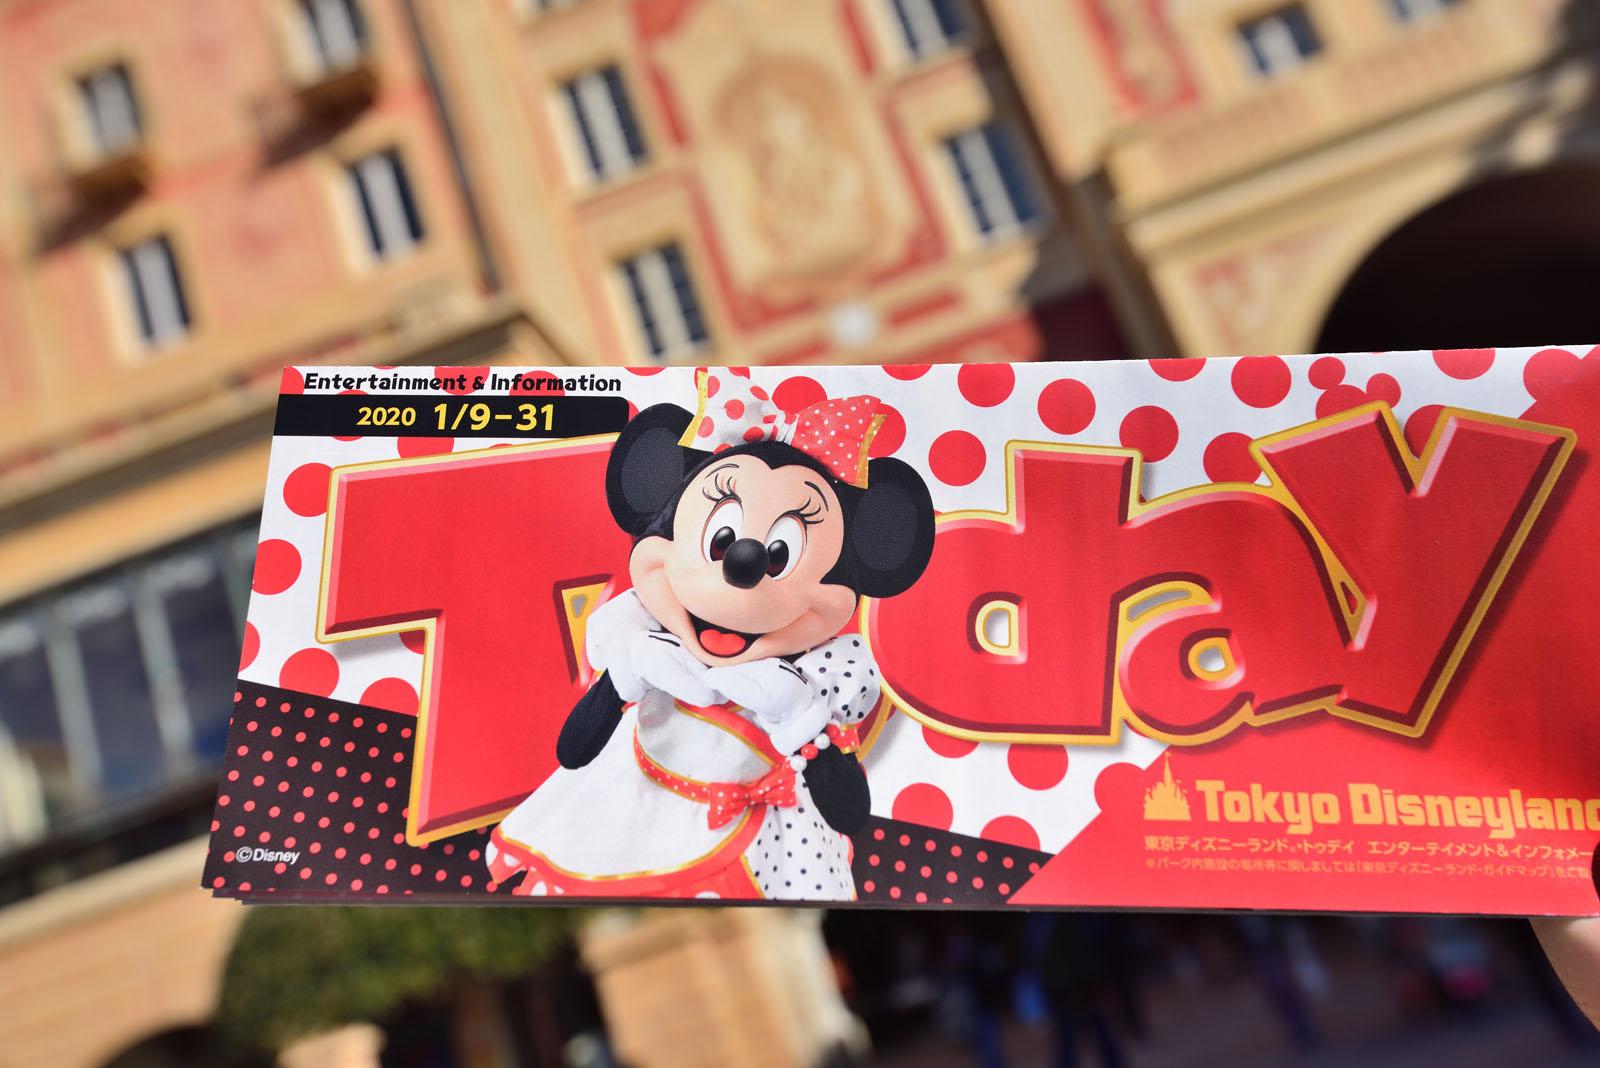 東京ディズニーランド Today 2020年1月9日~1月31日 ミニー